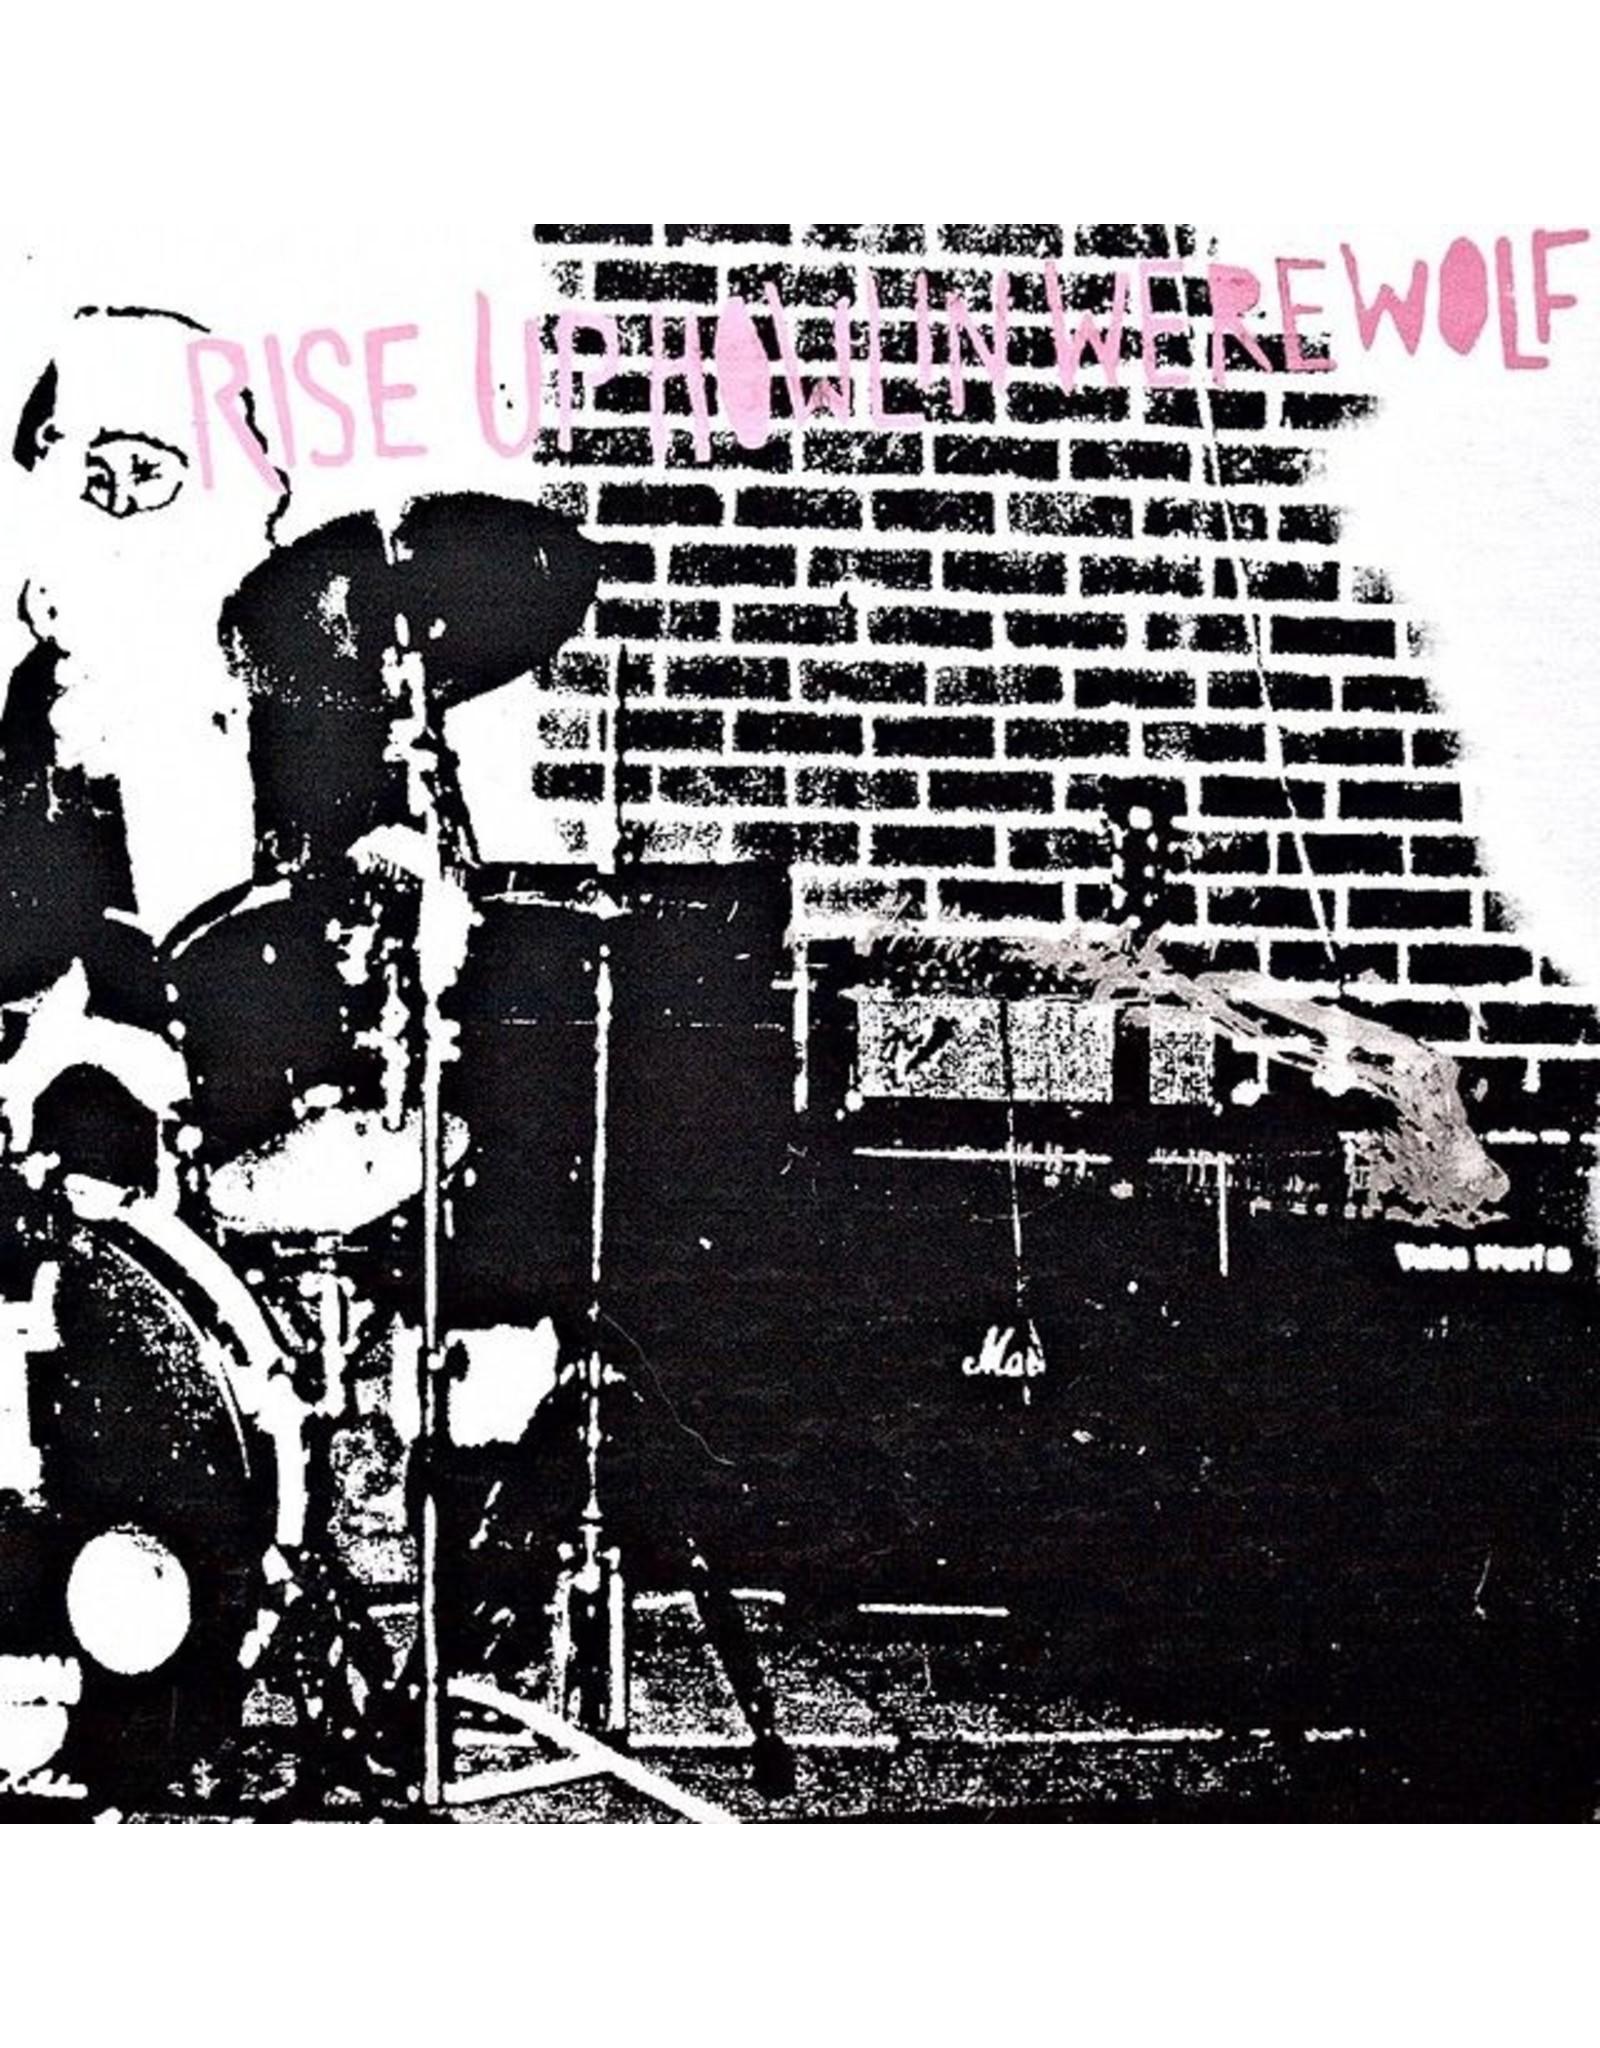 """New Vinyl Rise Up Howlin Werewolf - S/T 7"""""""